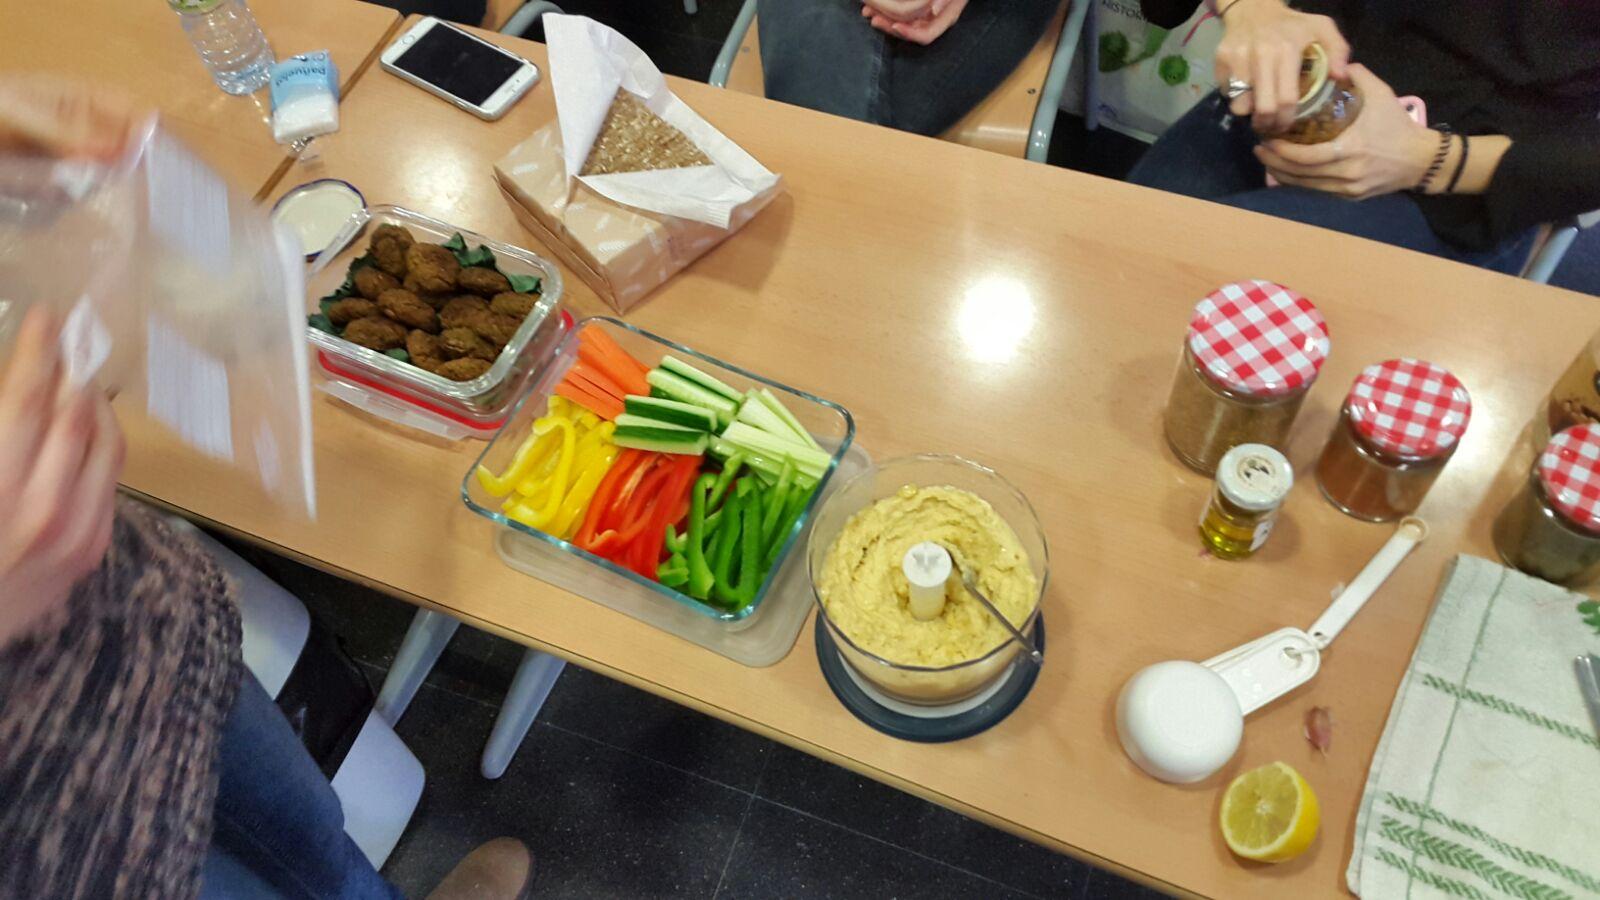 Els alumnes de 1r de Dietètica del Centre Garbí realitzen les exposicions dels treballs del crèdit d'Alimentació Equilibrada